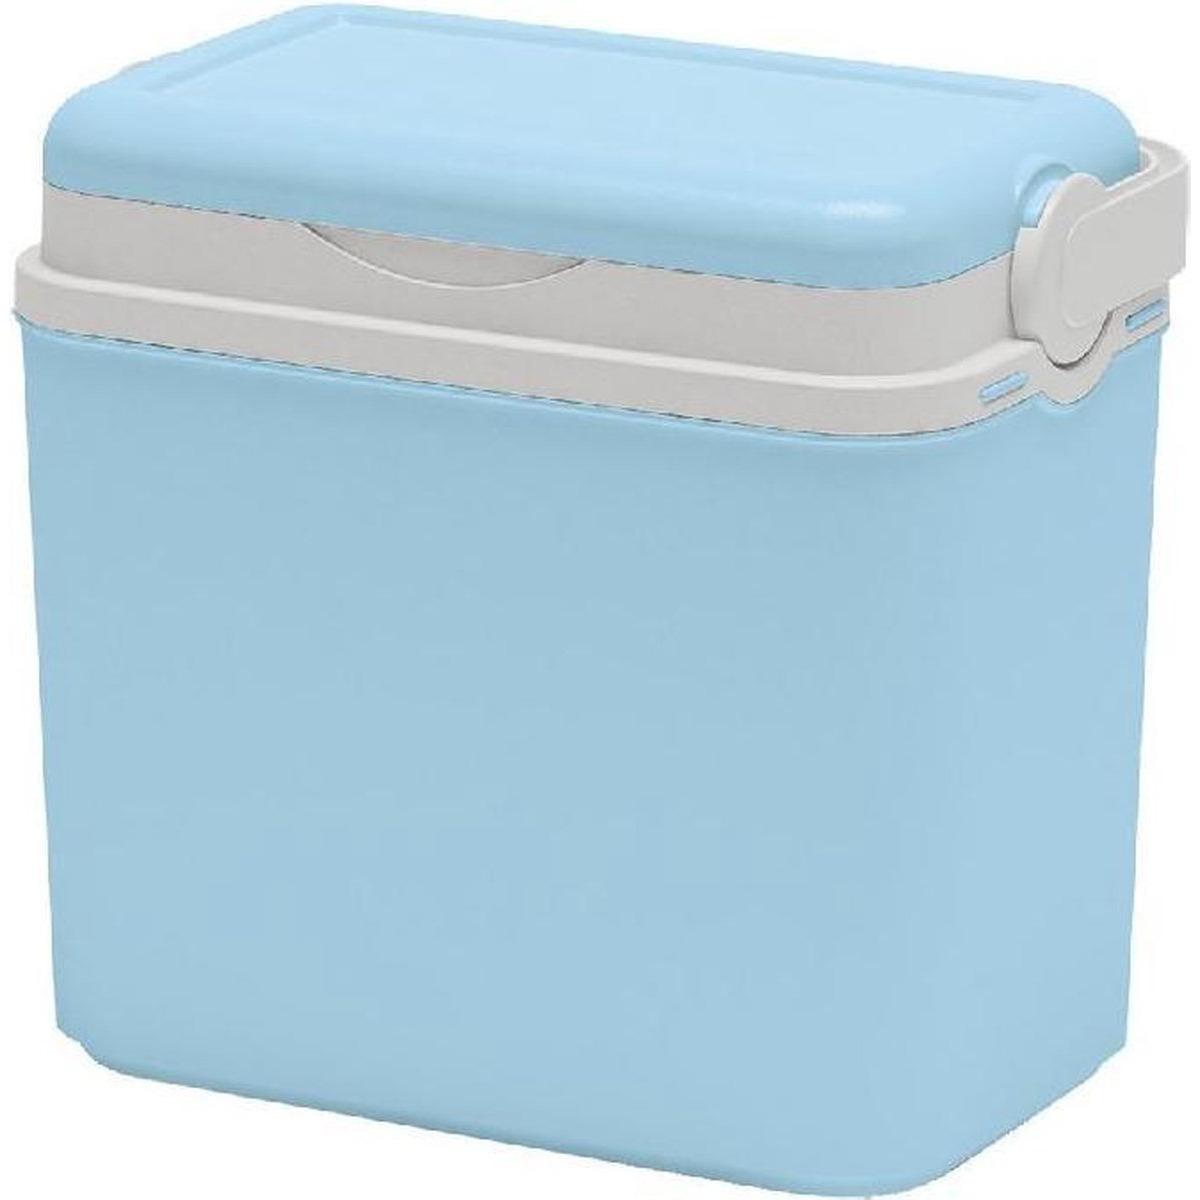 Koelbox lichtblauw 10 liter van 30 x 19 x 28 cm